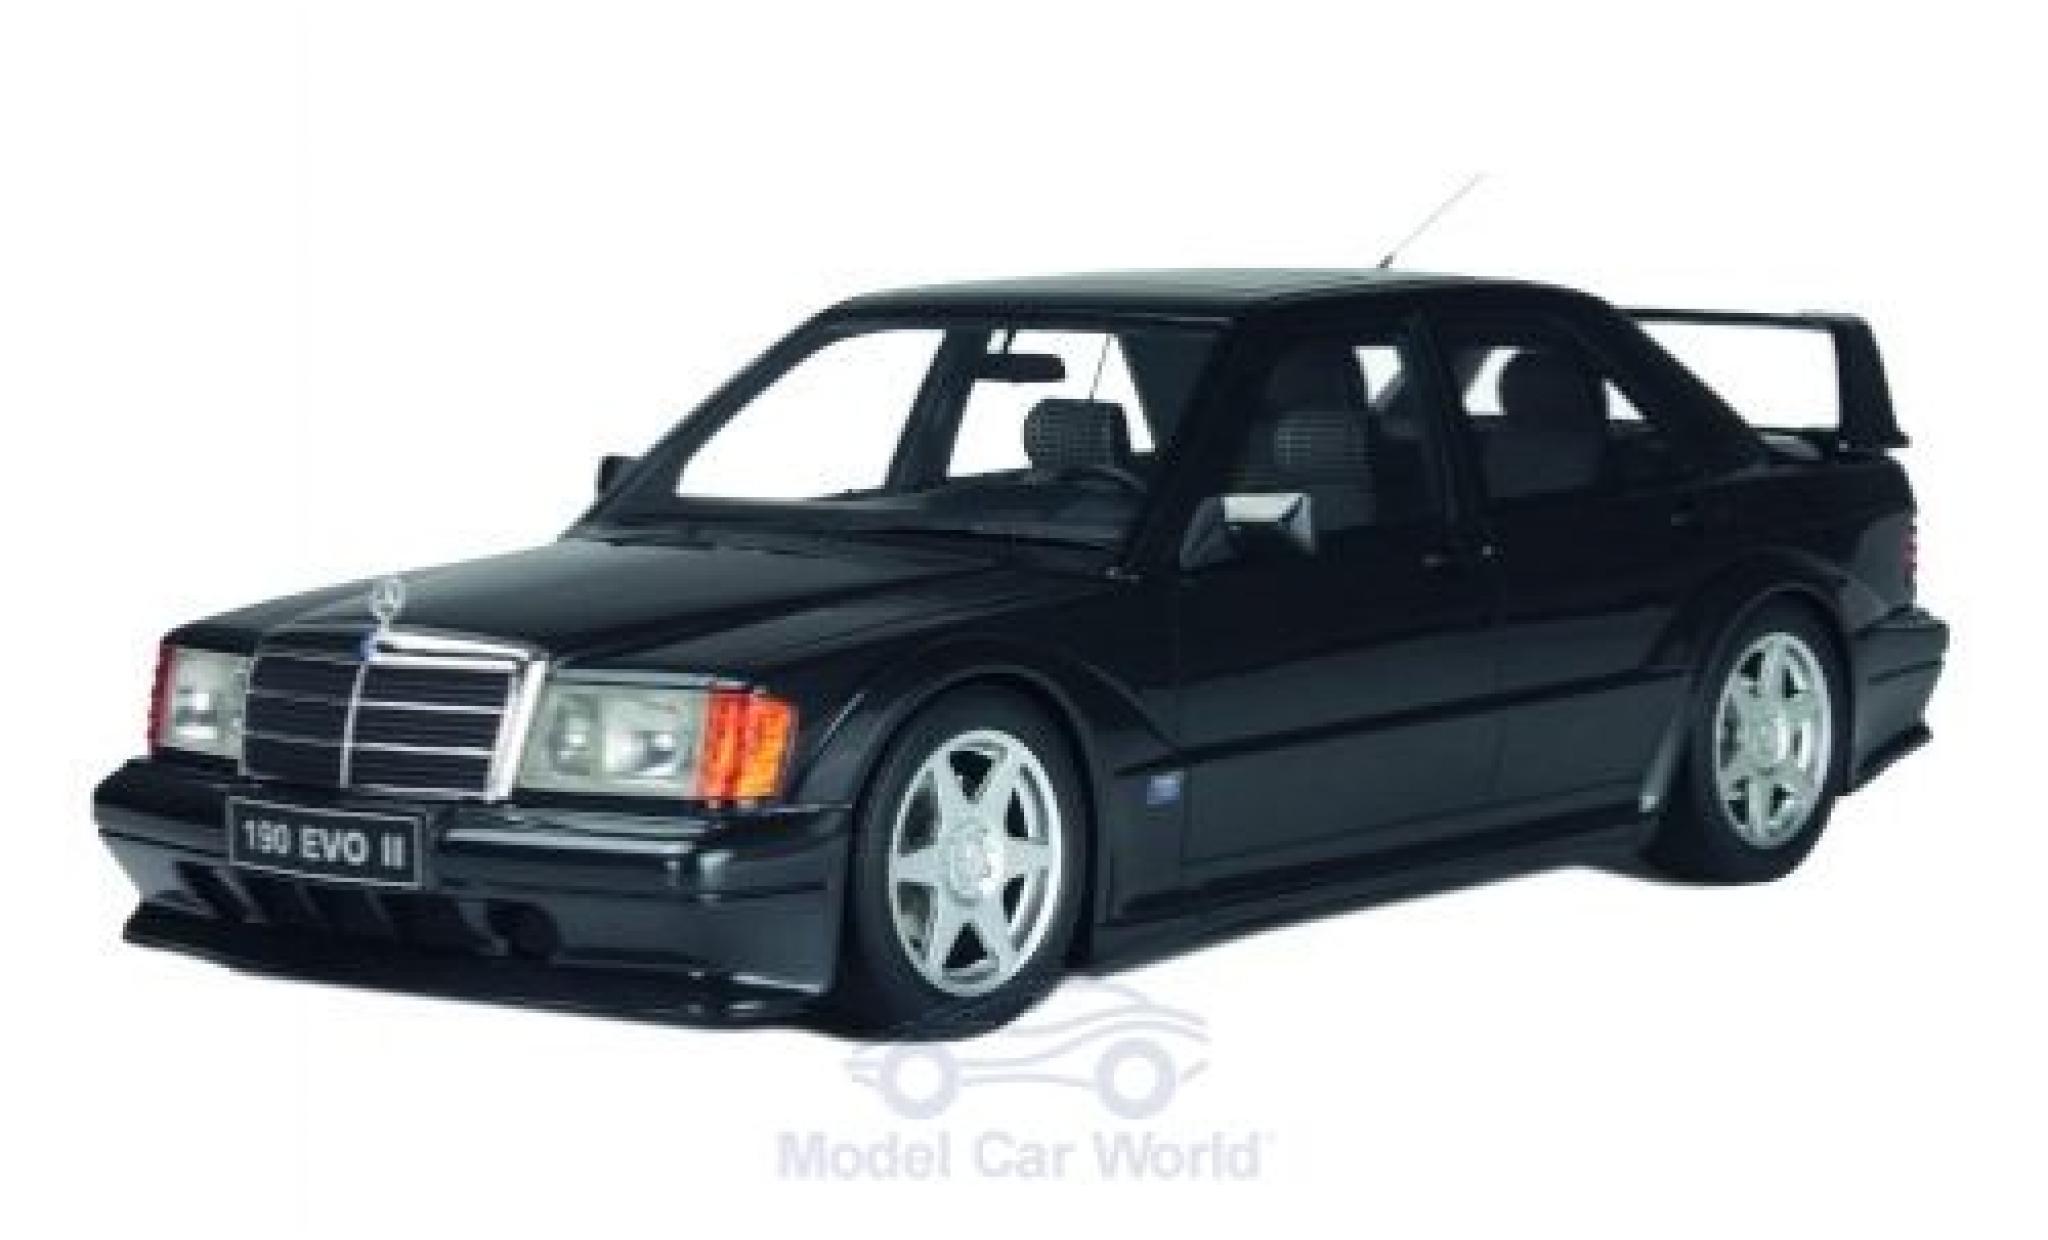 Mercedes 190 1/18 Solido E 2.5-16 Evolution II noire 1990